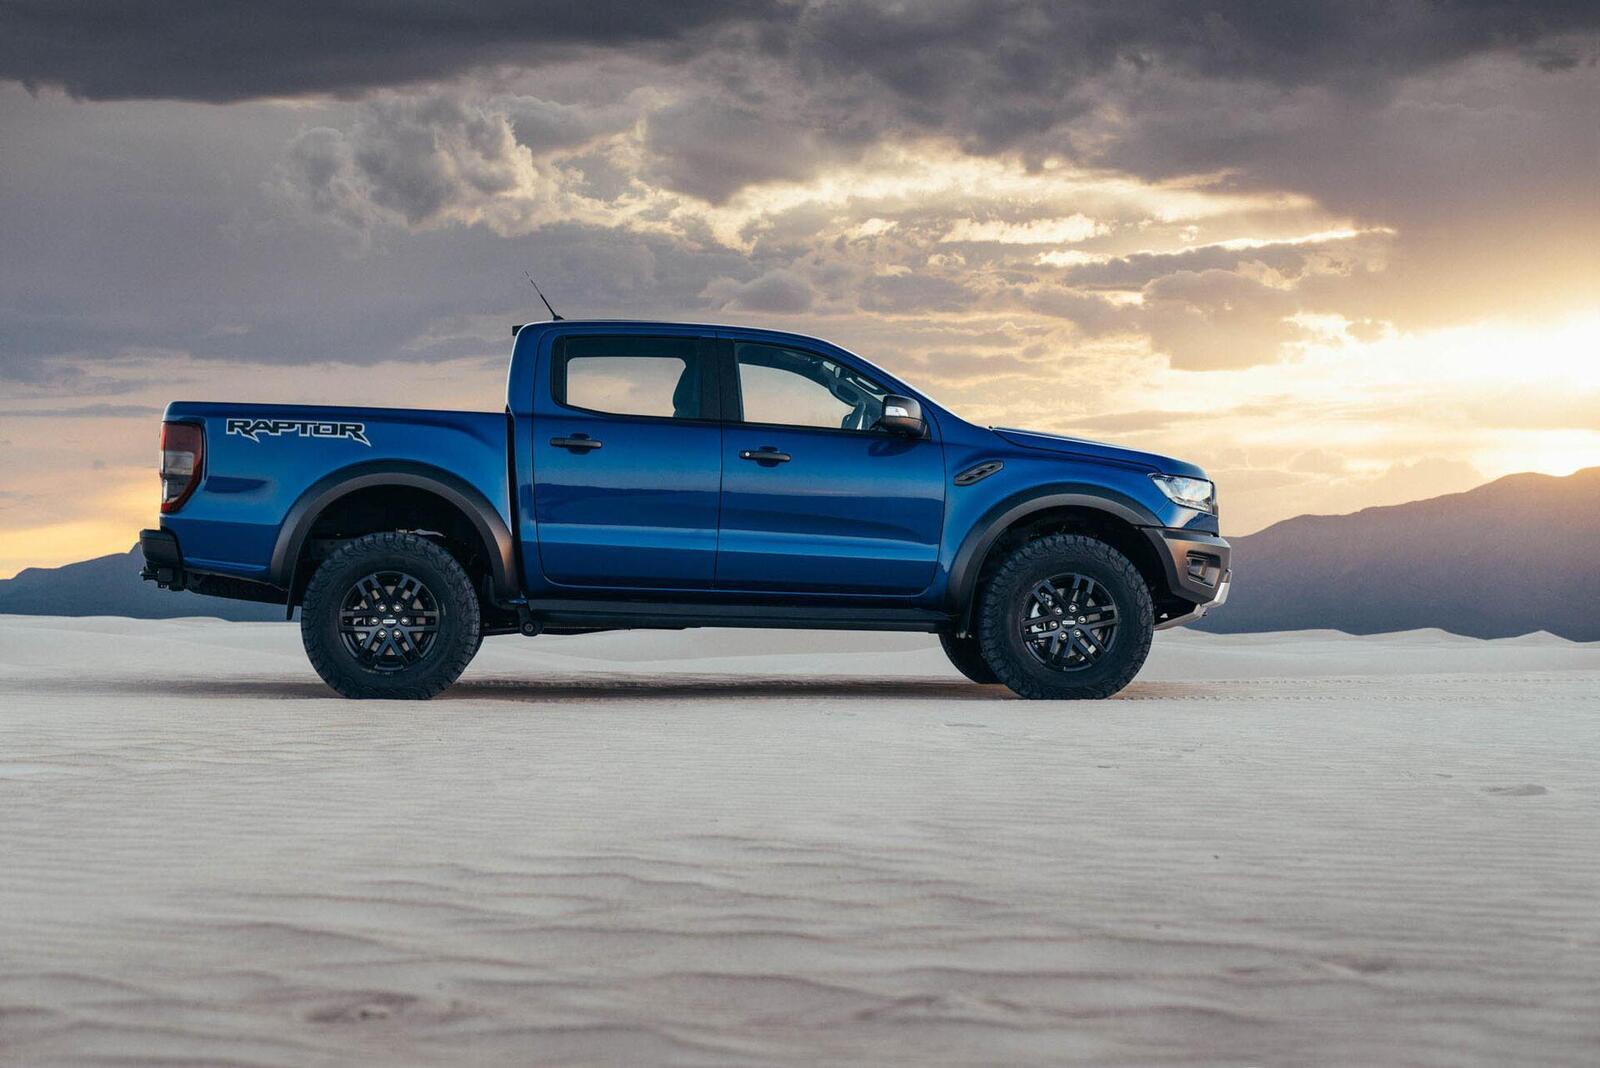 Ford Ranger đạt doanh số kỷ lục tại Châu Á Thái Bình Dương năm thứ 10 liên tiếp - Hình 5